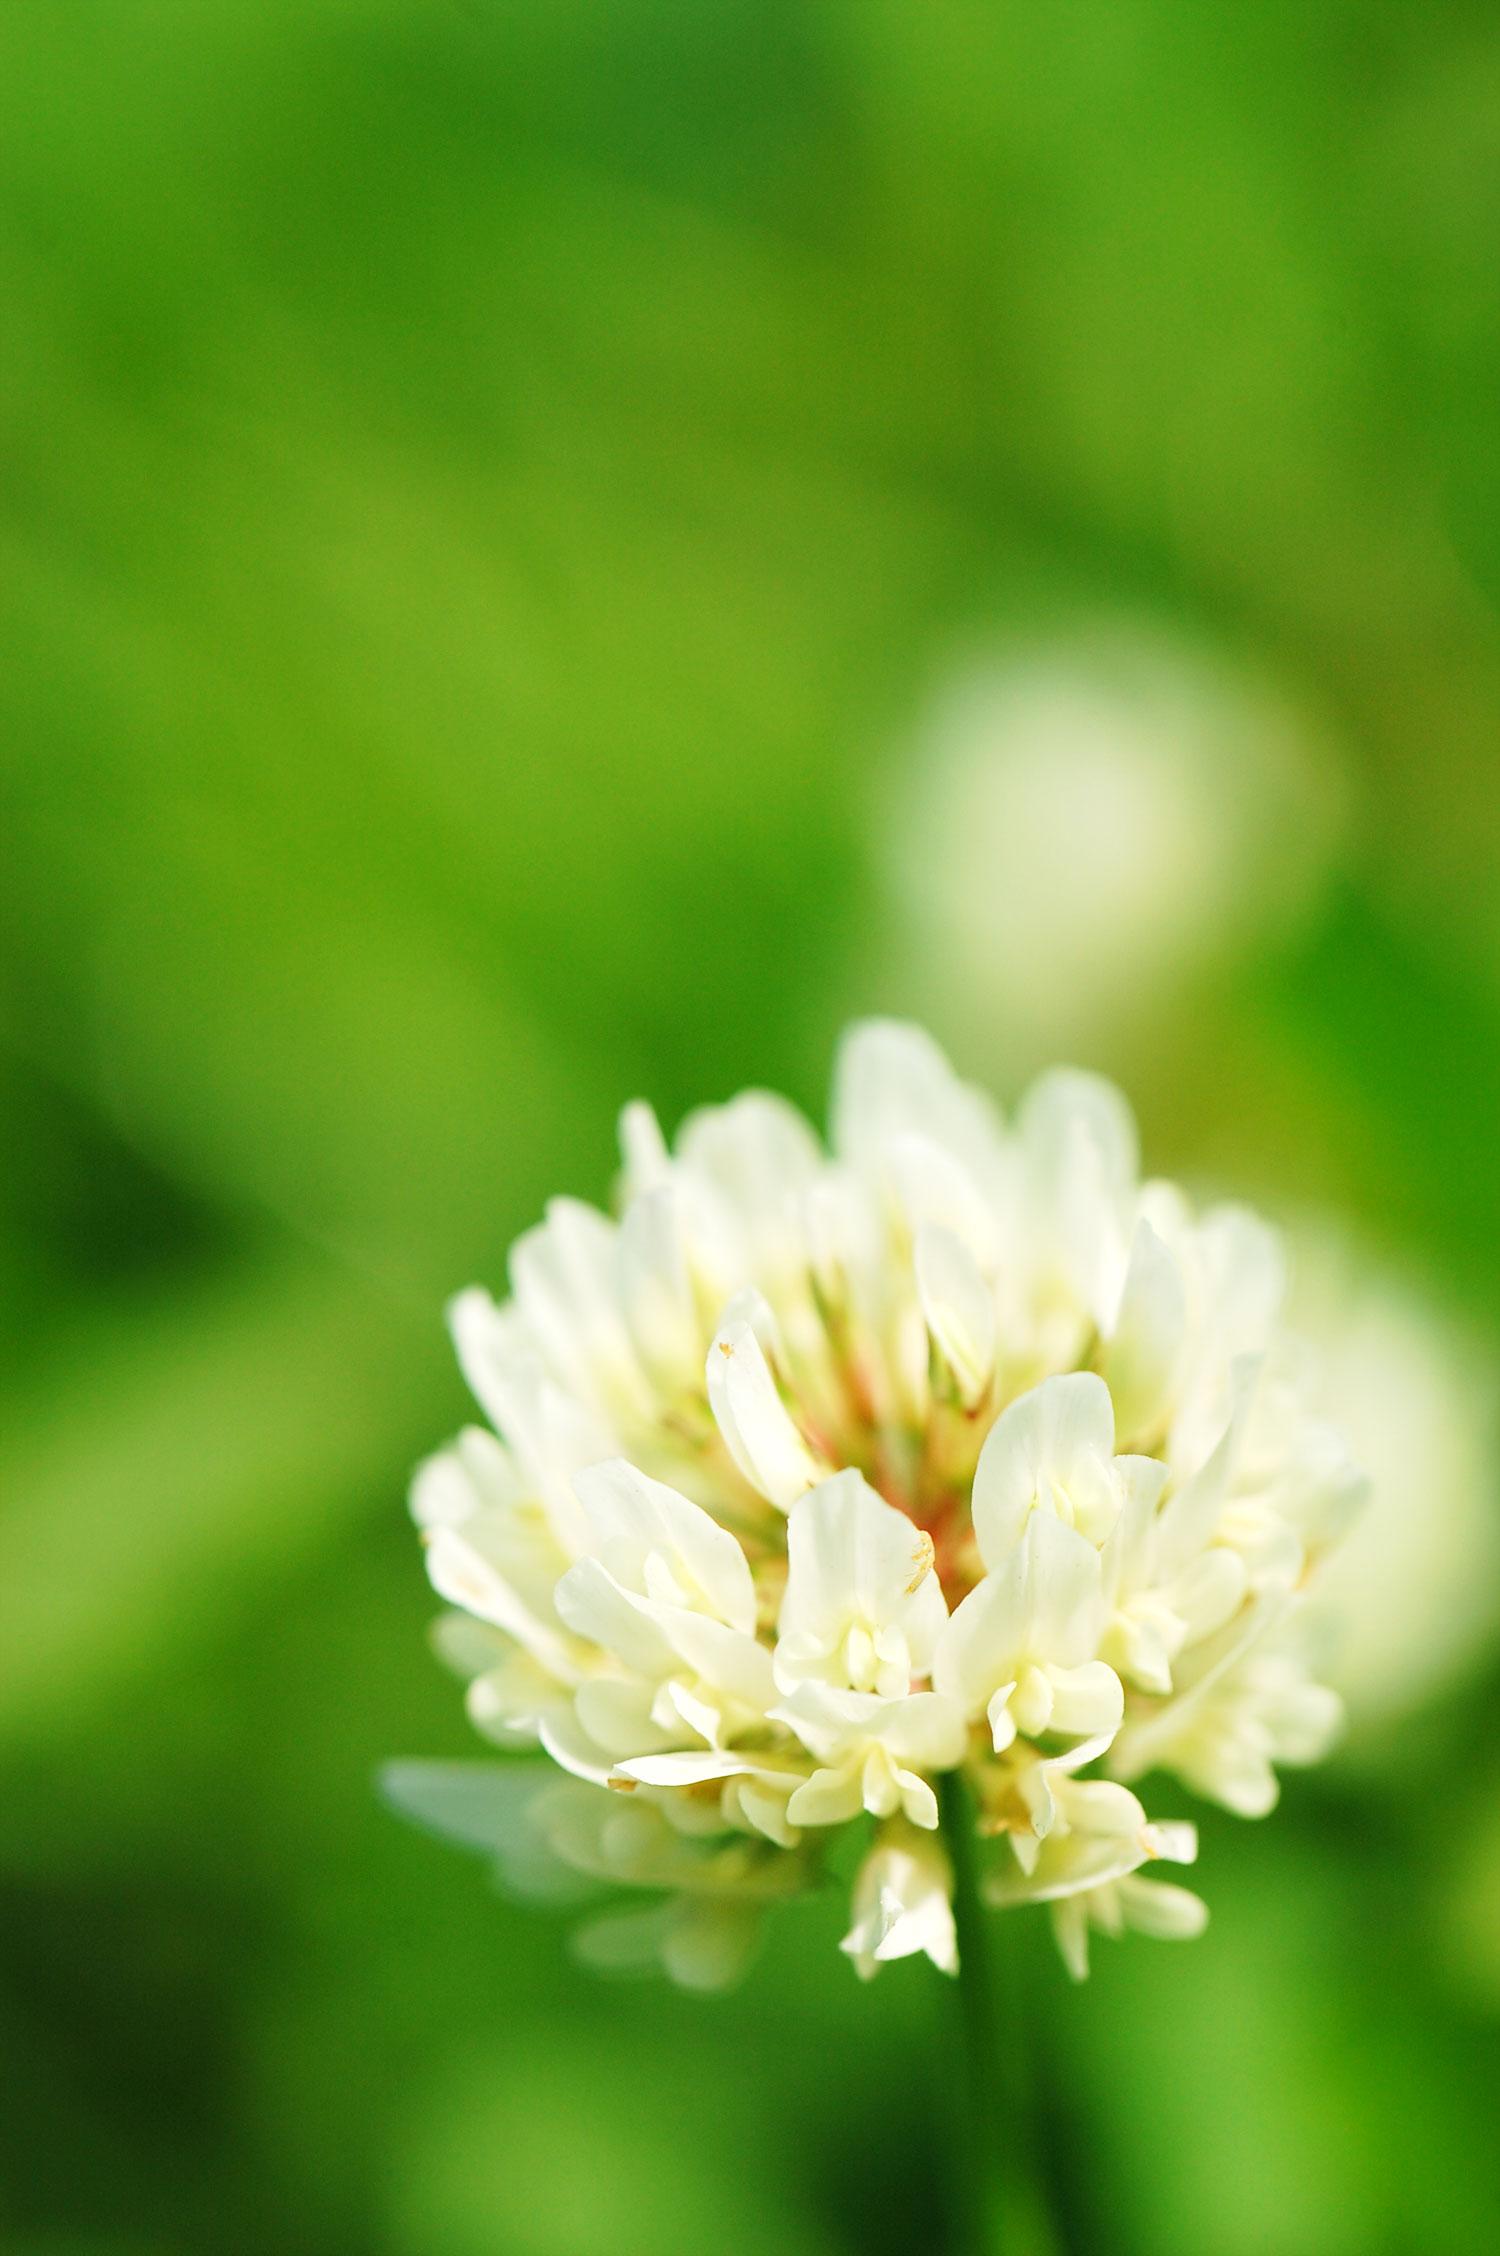 緑の中に咲くシロツメクサをNikonデジタル一眼レフカメラで撮影